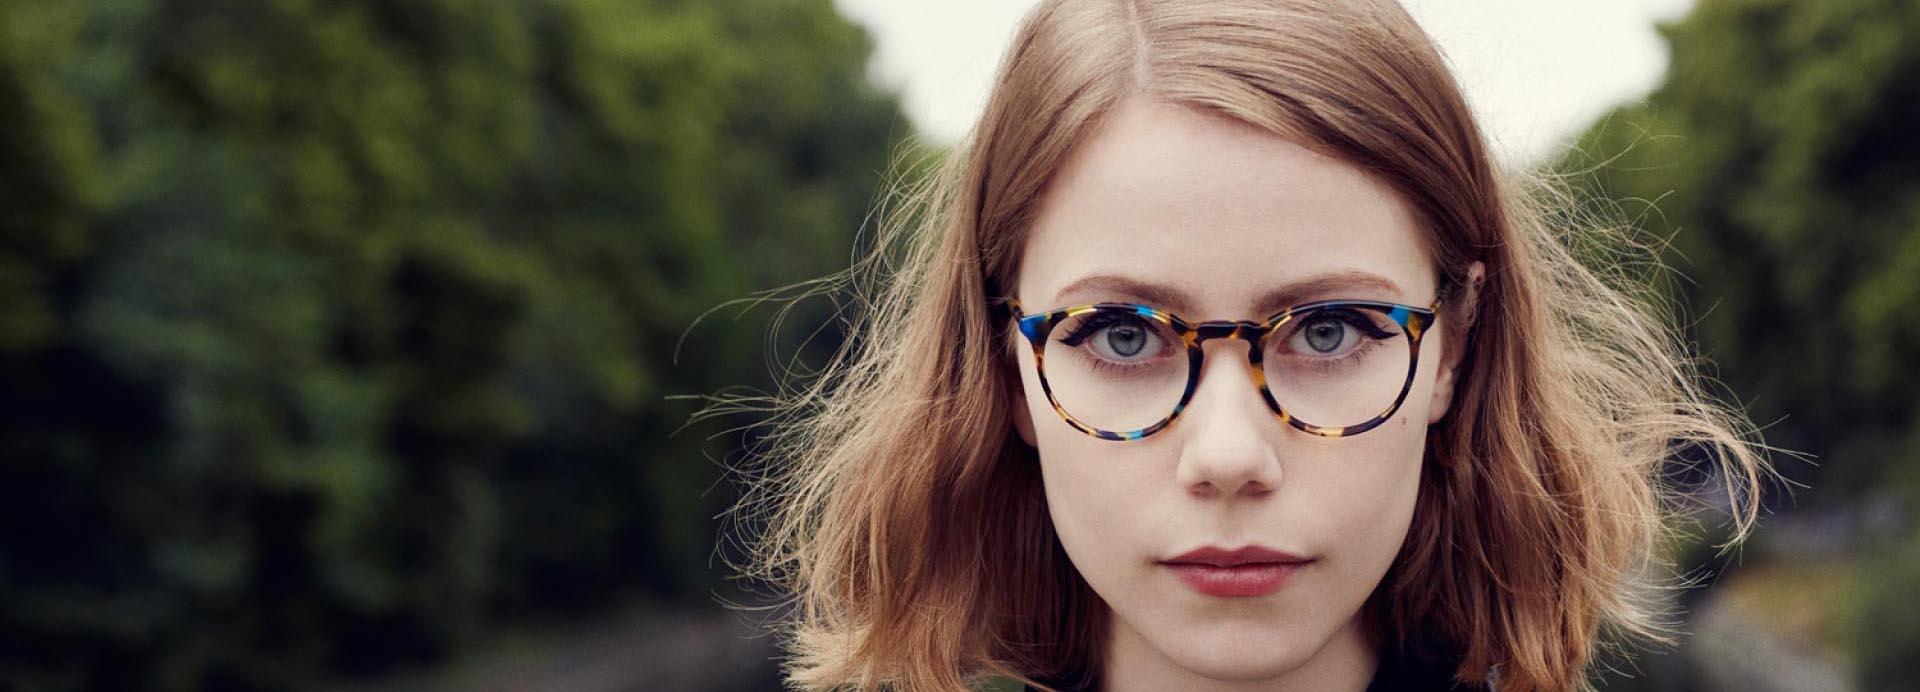 occhiali1cut